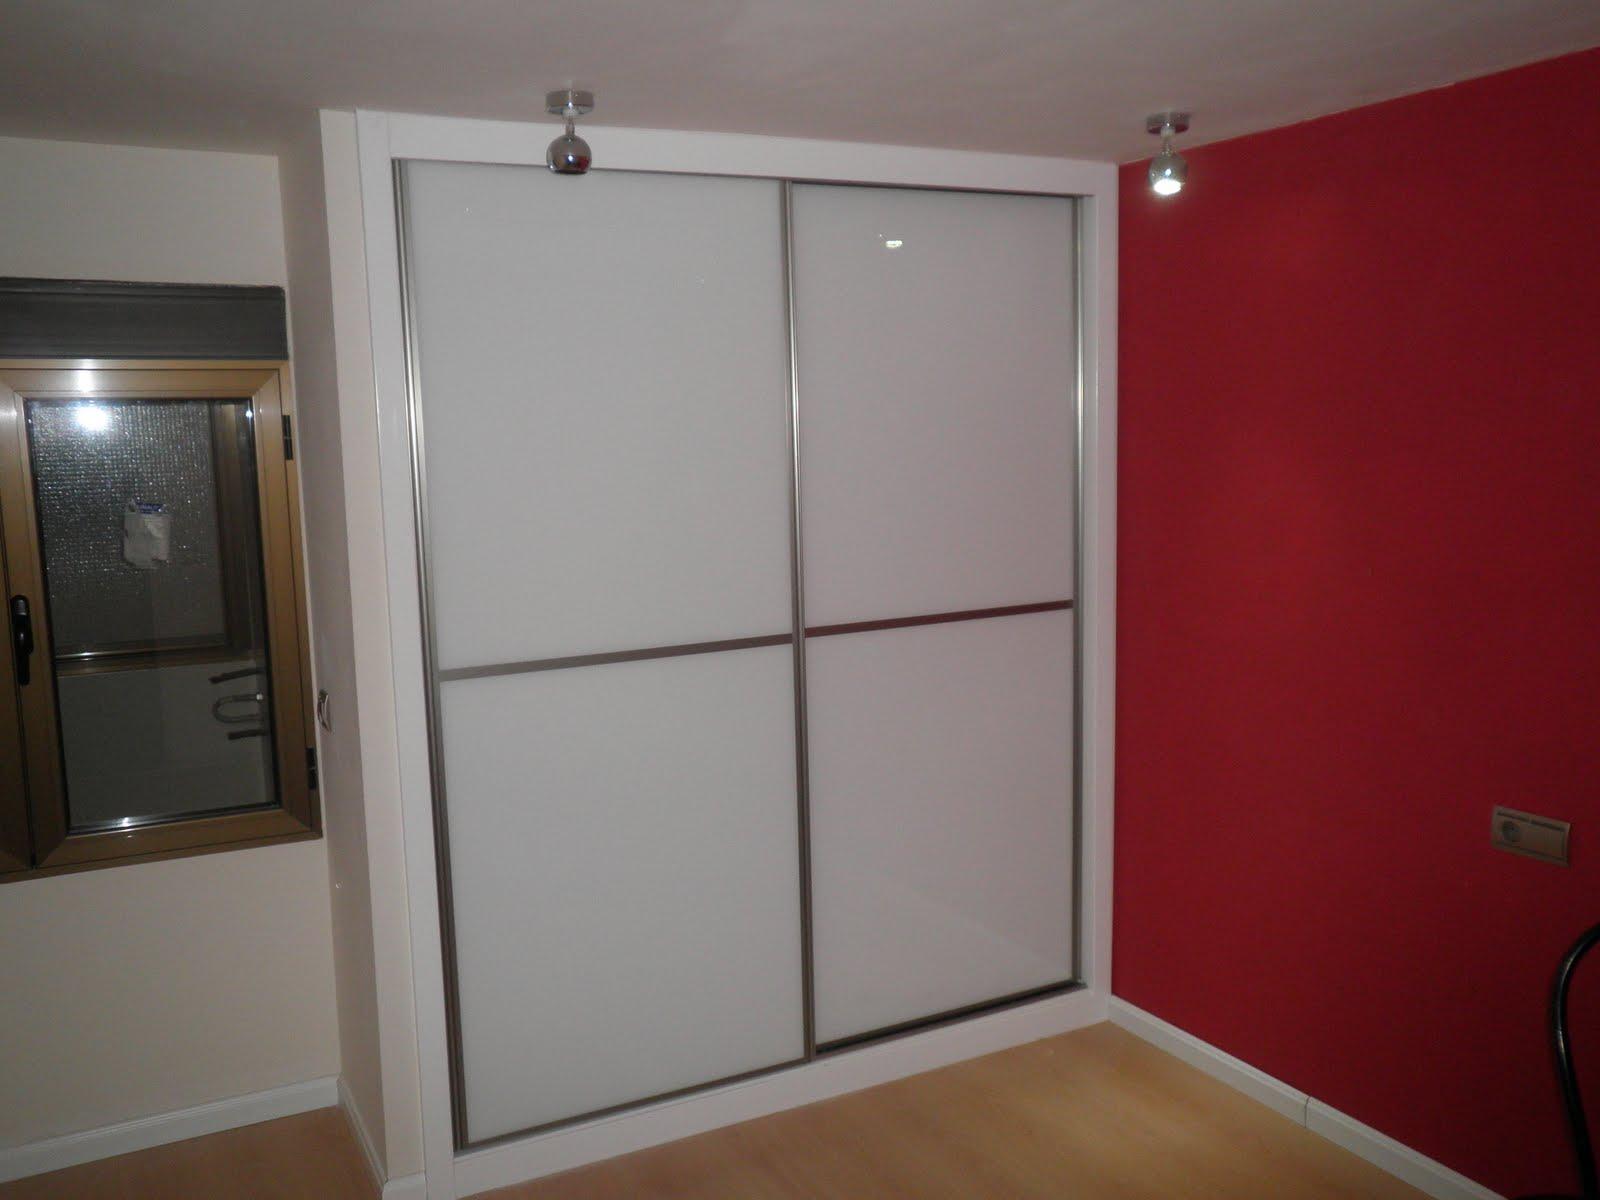 Decoraciones sahuquillo armario puertas correderas cristal - Puertas correderas armario empotrado ...